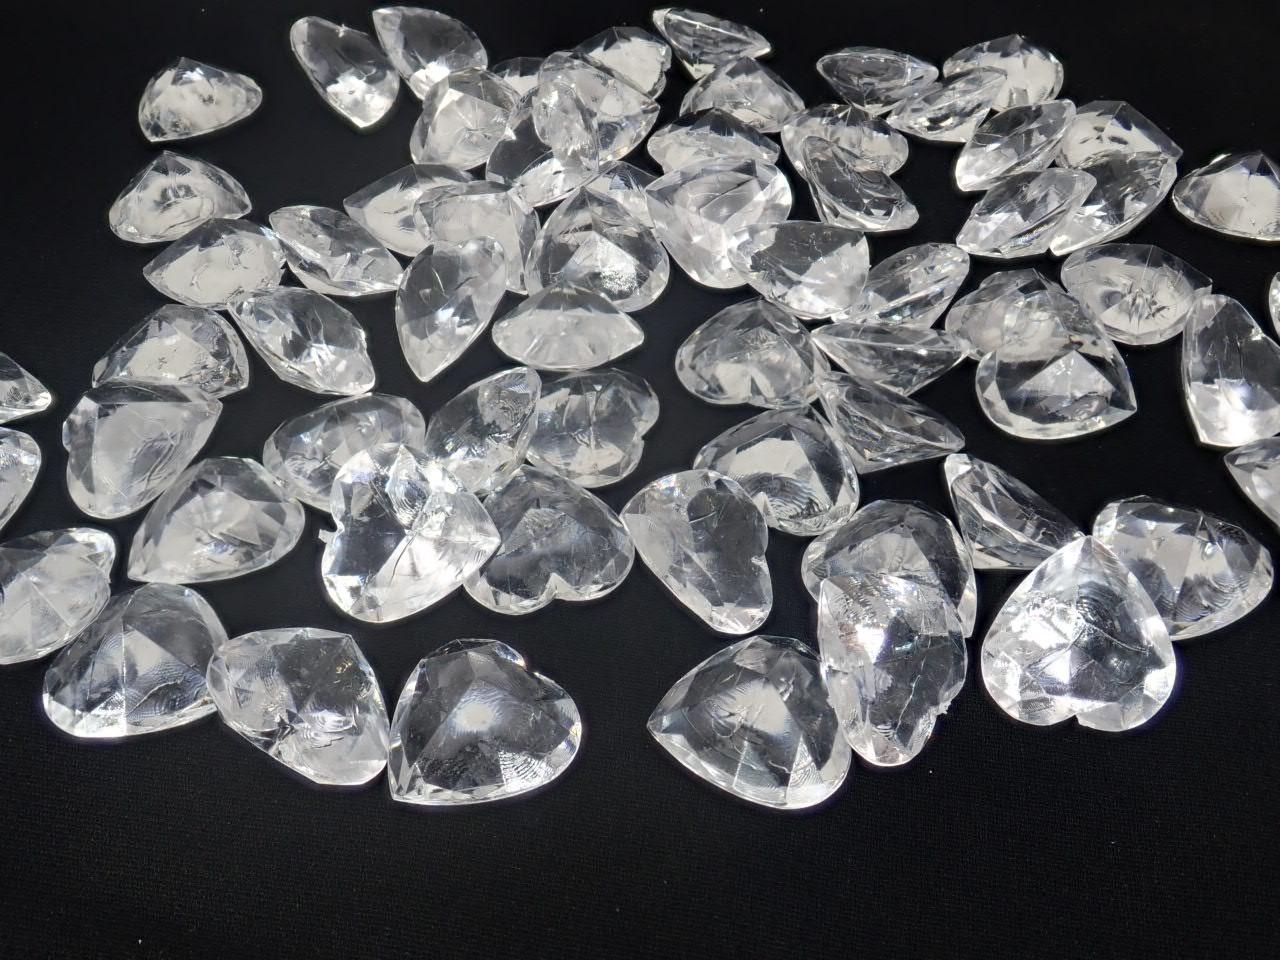 アクリルクリスタルアイス(ハート型クリア1、7cm約70粒